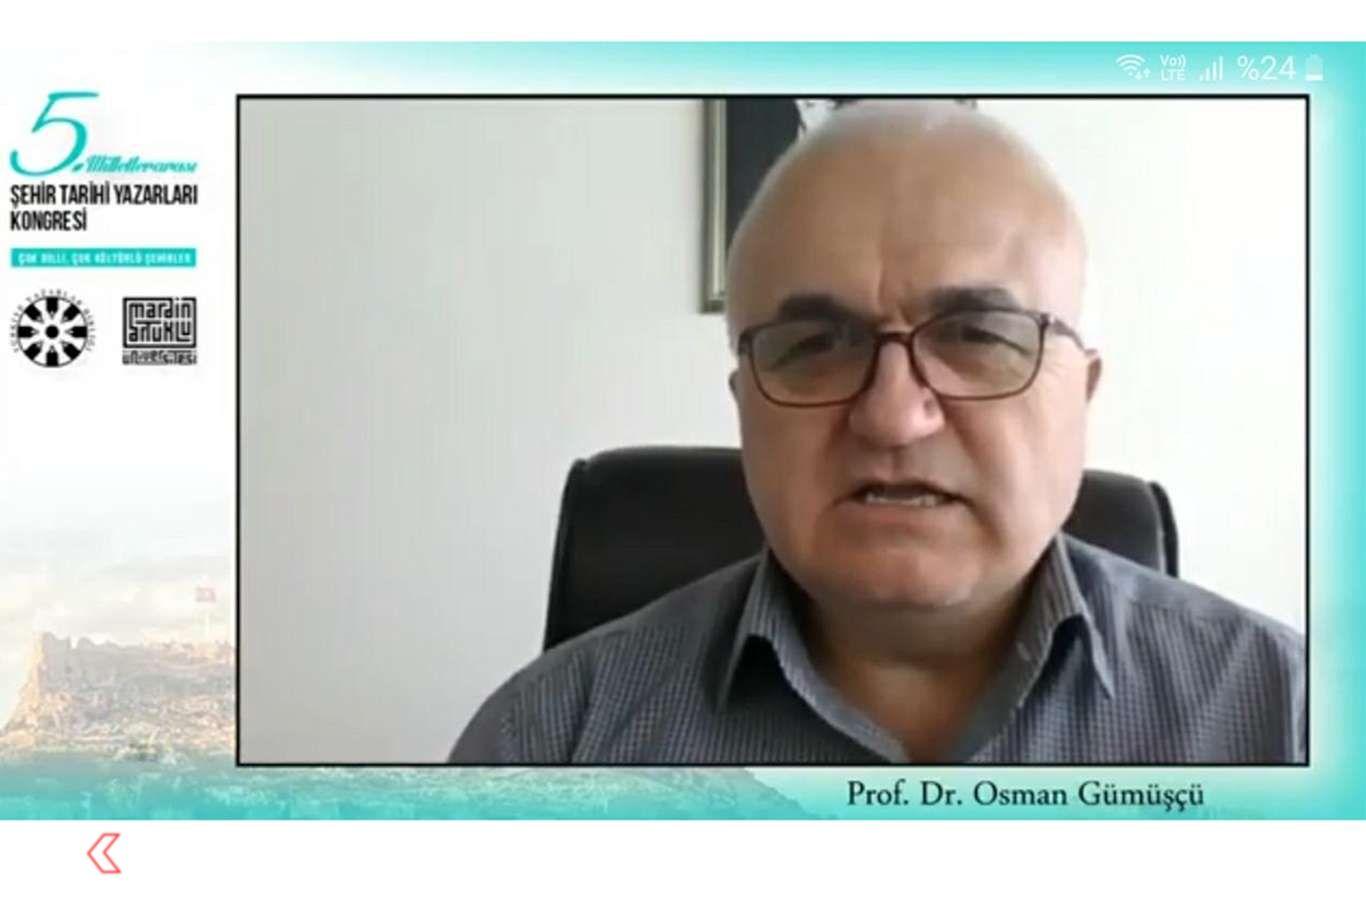 """Mardin'de """"Milletlerarası Şehir Tarihi Yazarları Kongresi"""" başladı"""